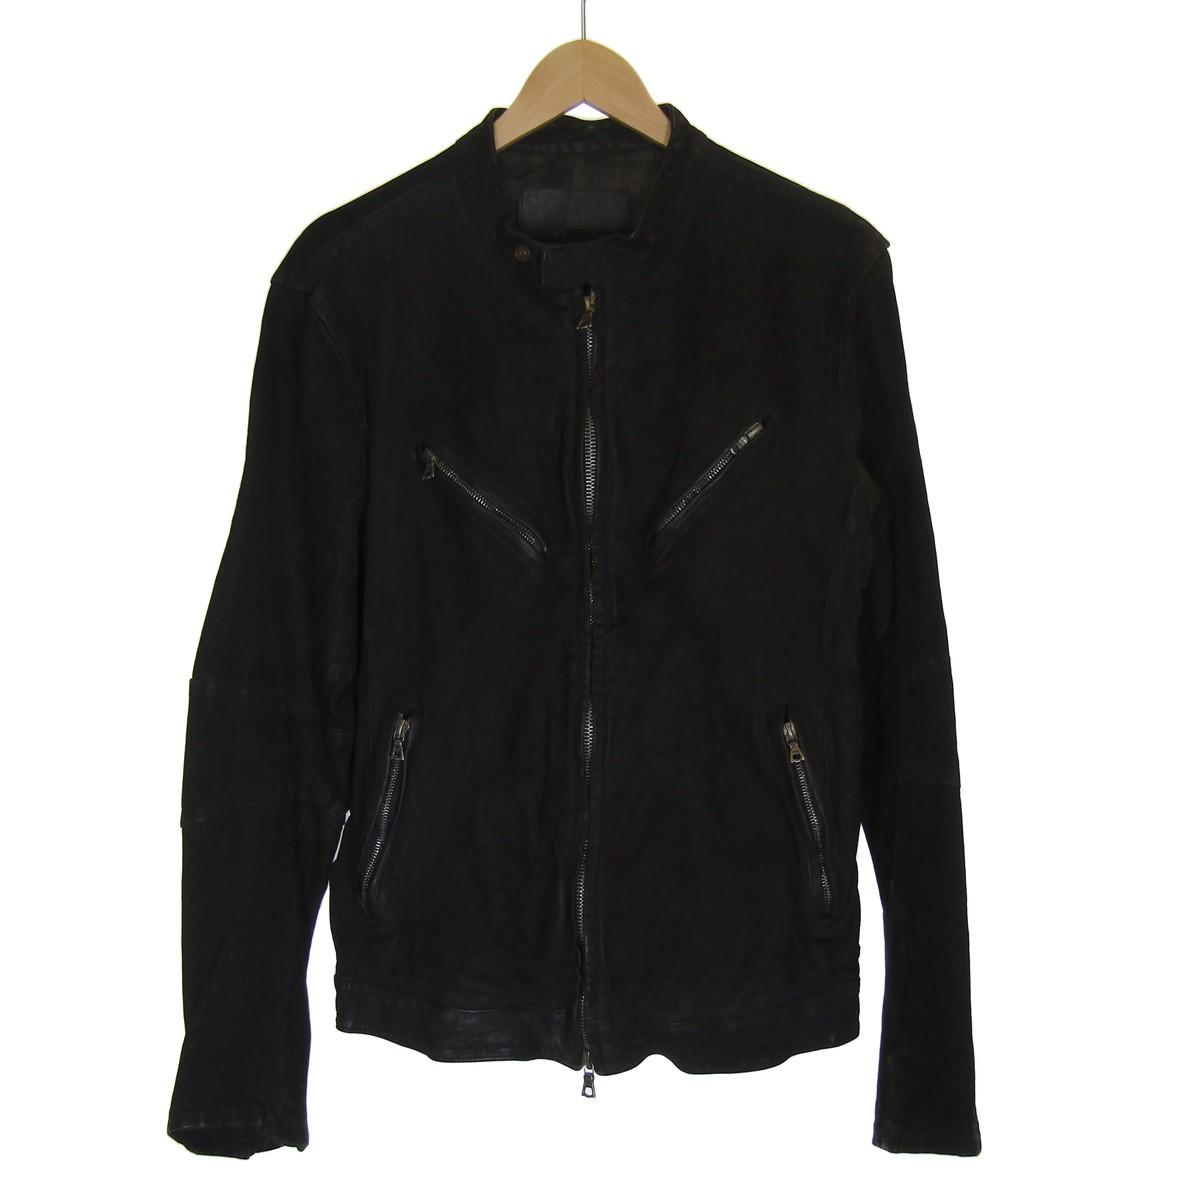 【中古】ISAMU KATAYAMA BACKLASHレザーシングルライダースジャケット ブラック サイズ:L【3月2日見直し】